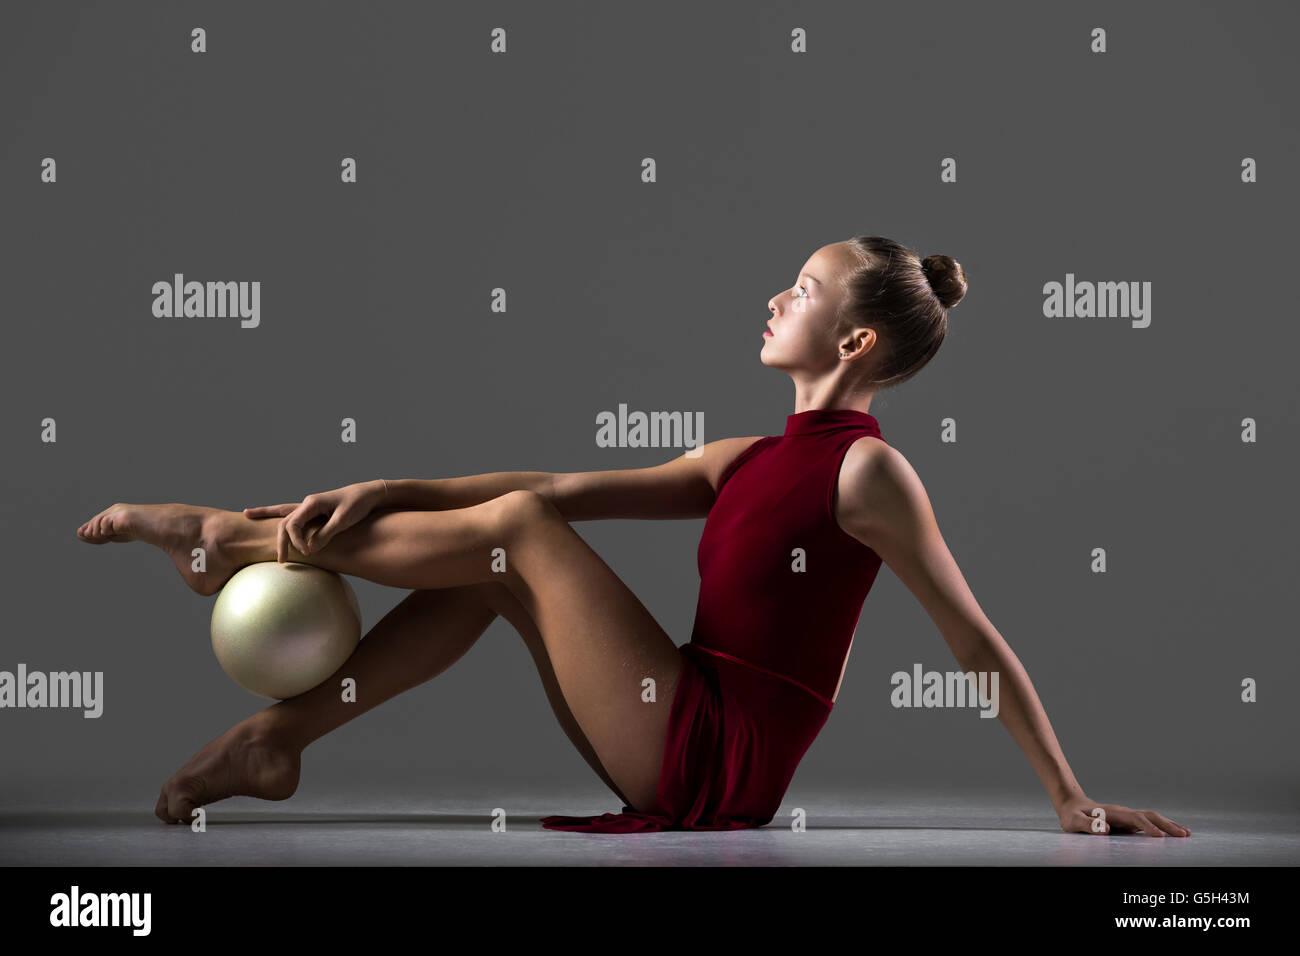 Bella giovane montare ginnasta atleta donna abbigliamento sportivo in abito rosso che lavora fuori, fare arte ginnastica Immagini Stock